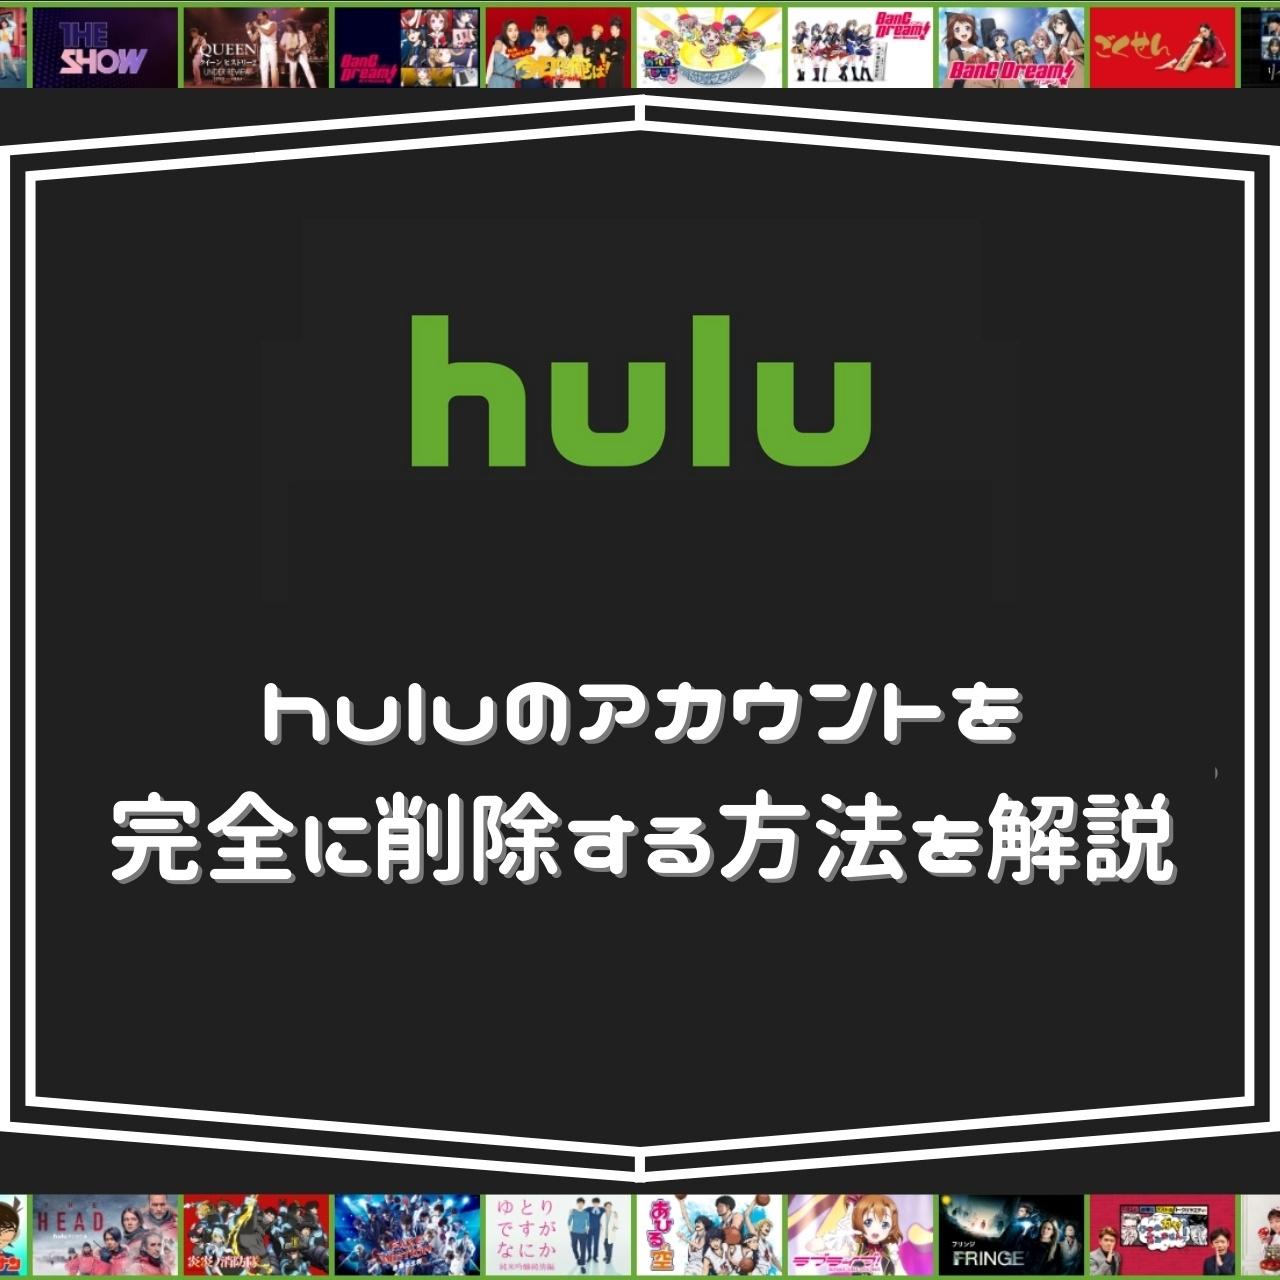 huluのアカウントを完全に削除する方法を解説